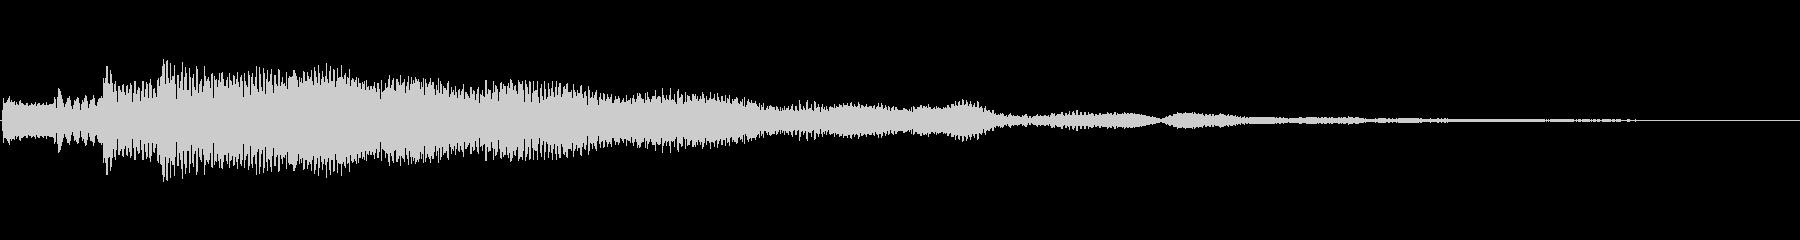 不気味・不穏なフレーズ 通知音・怪談の未再生の波形